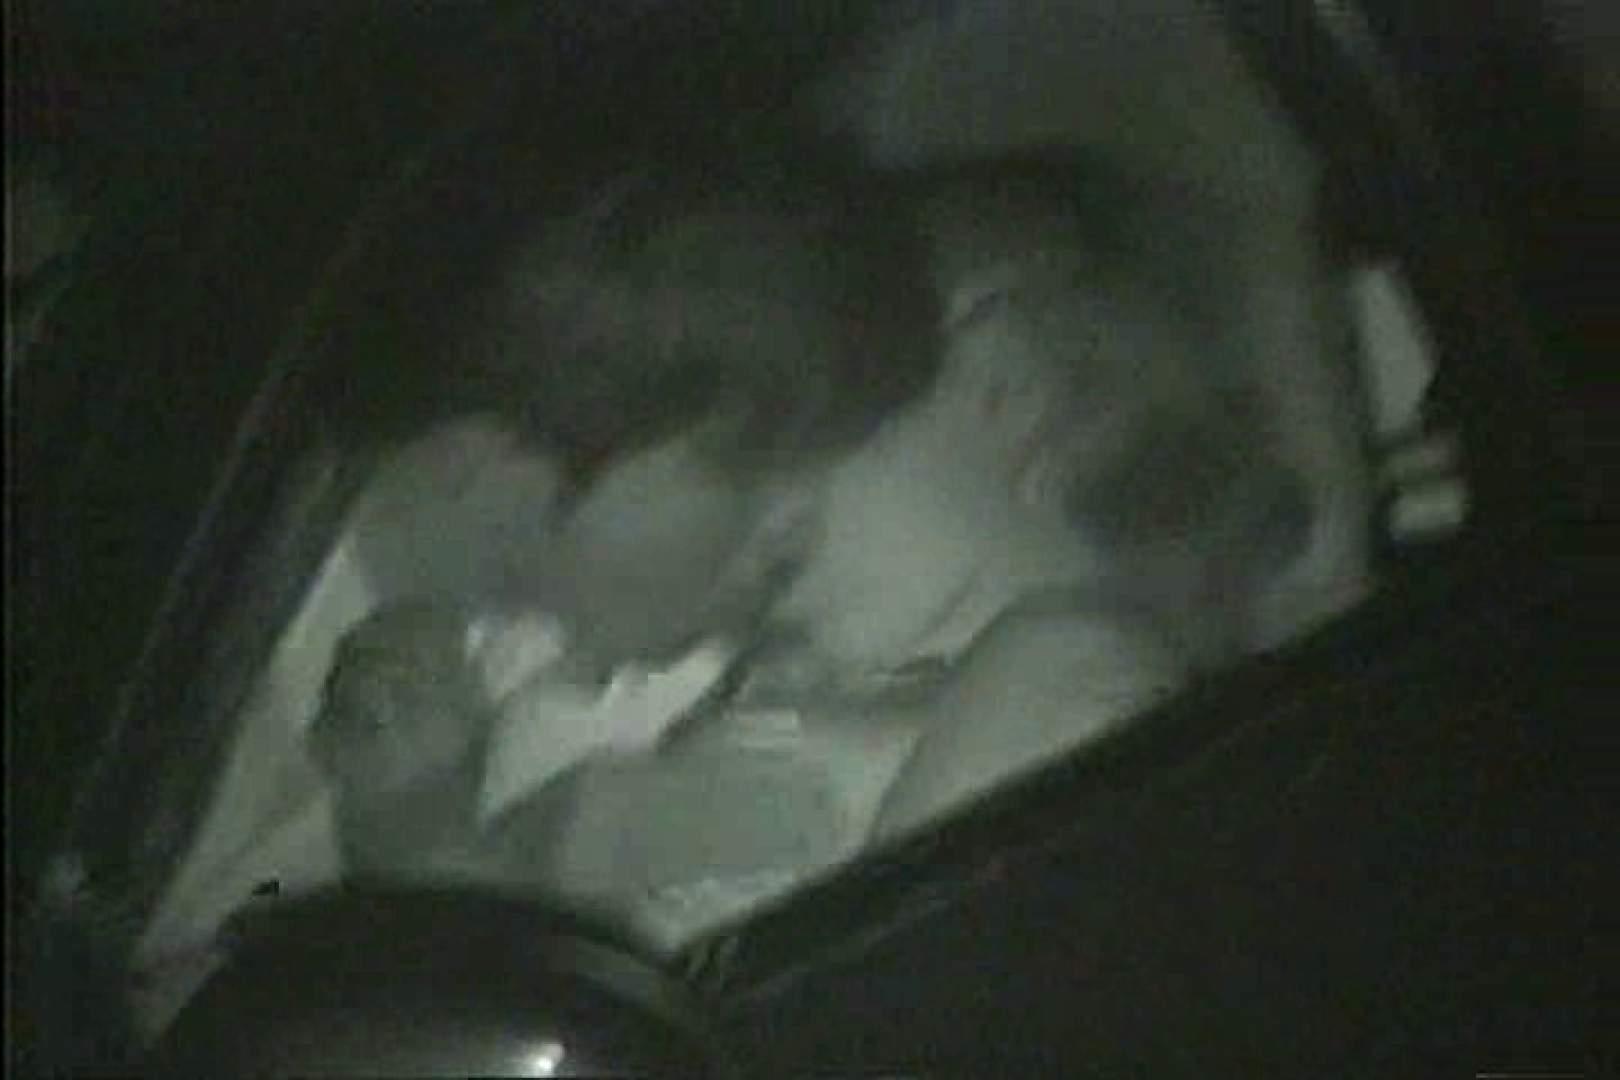 車の中はラブホテル 無修正版  Vol.10 ホテル隠し撮り 盗み撮り動画キャプチャ 87pic 52